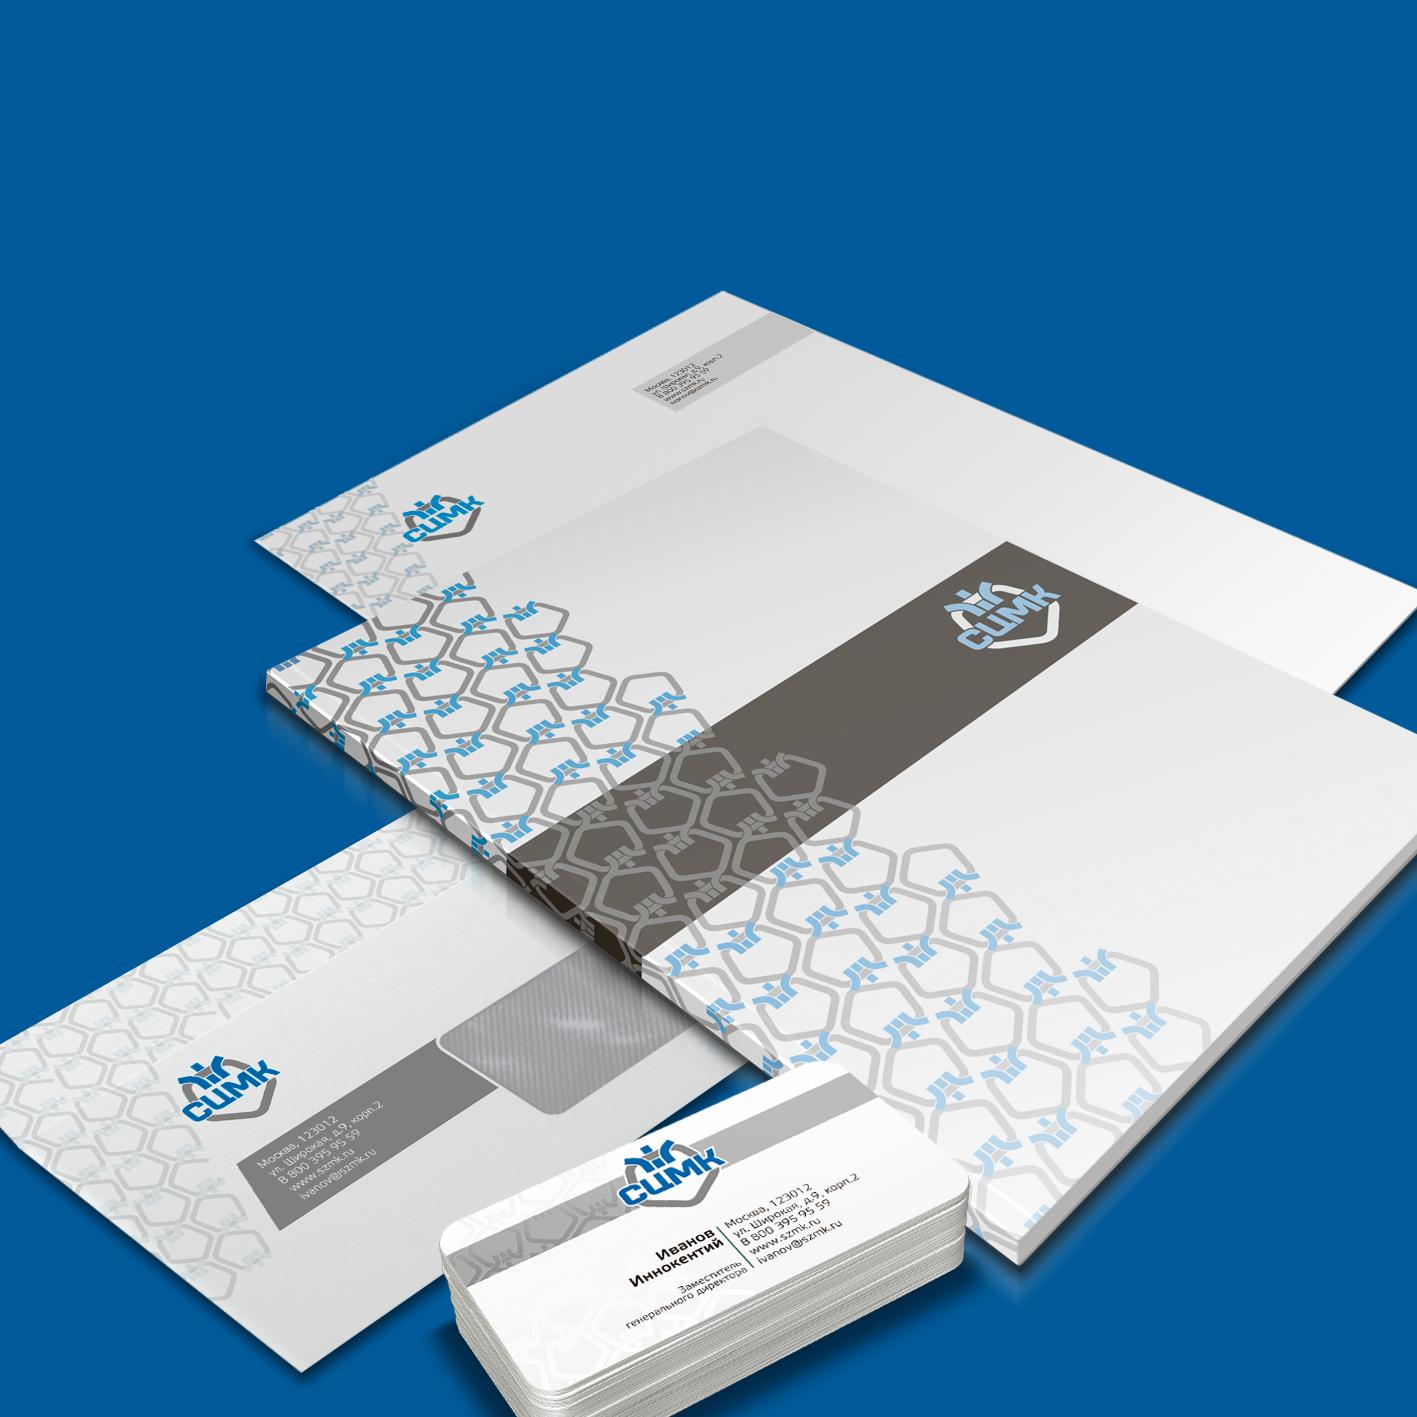 Разработка логотипа и фирменного стиля фото f_9945ad7c9a7e5ceb.png